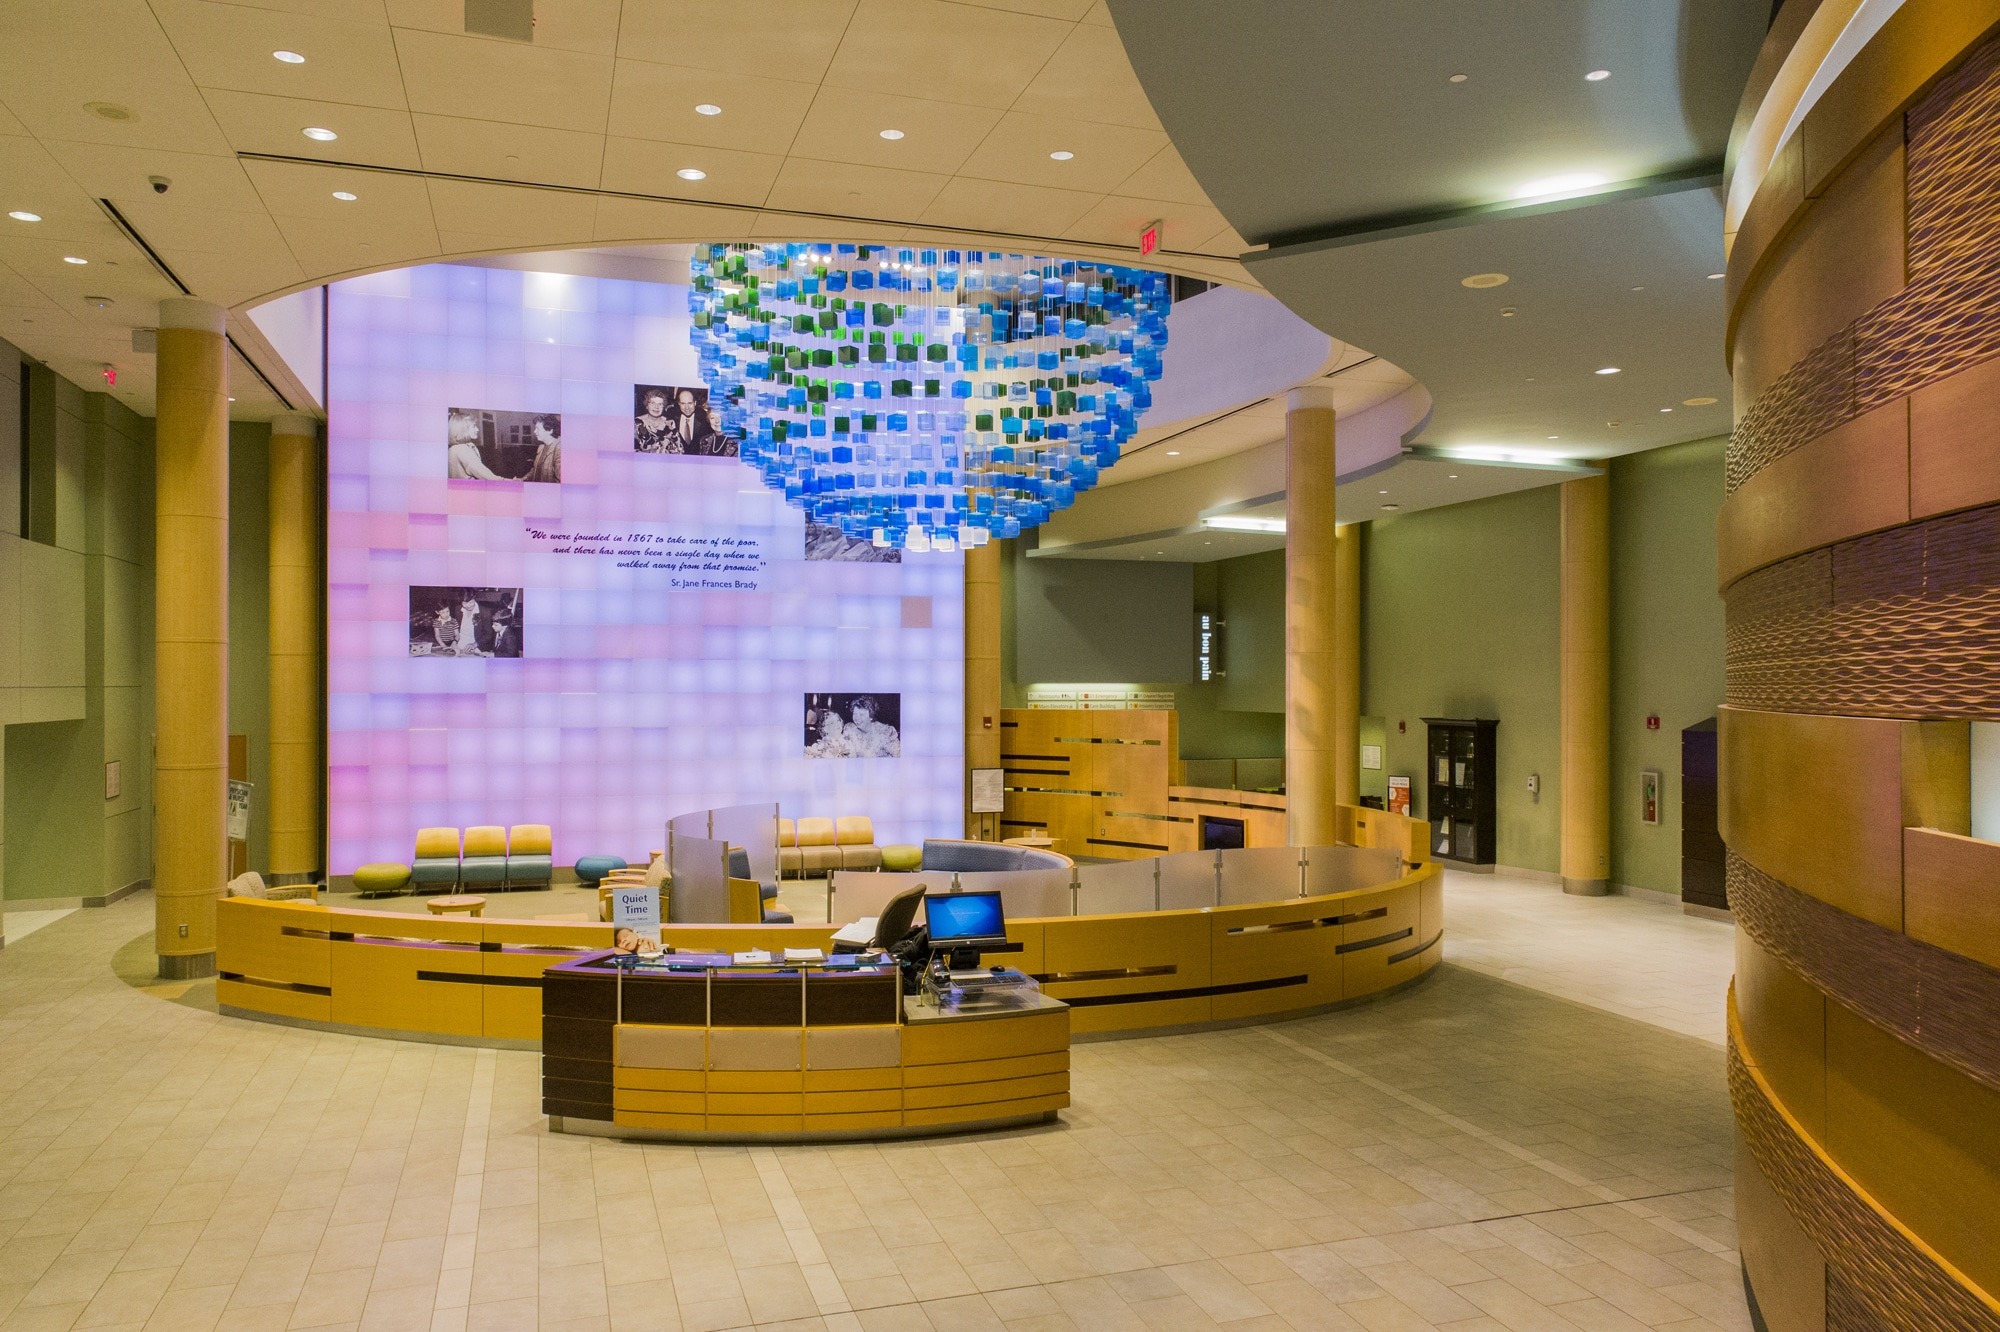 Drone Photograph taken inside the Lobby of St Josephs Medical Center